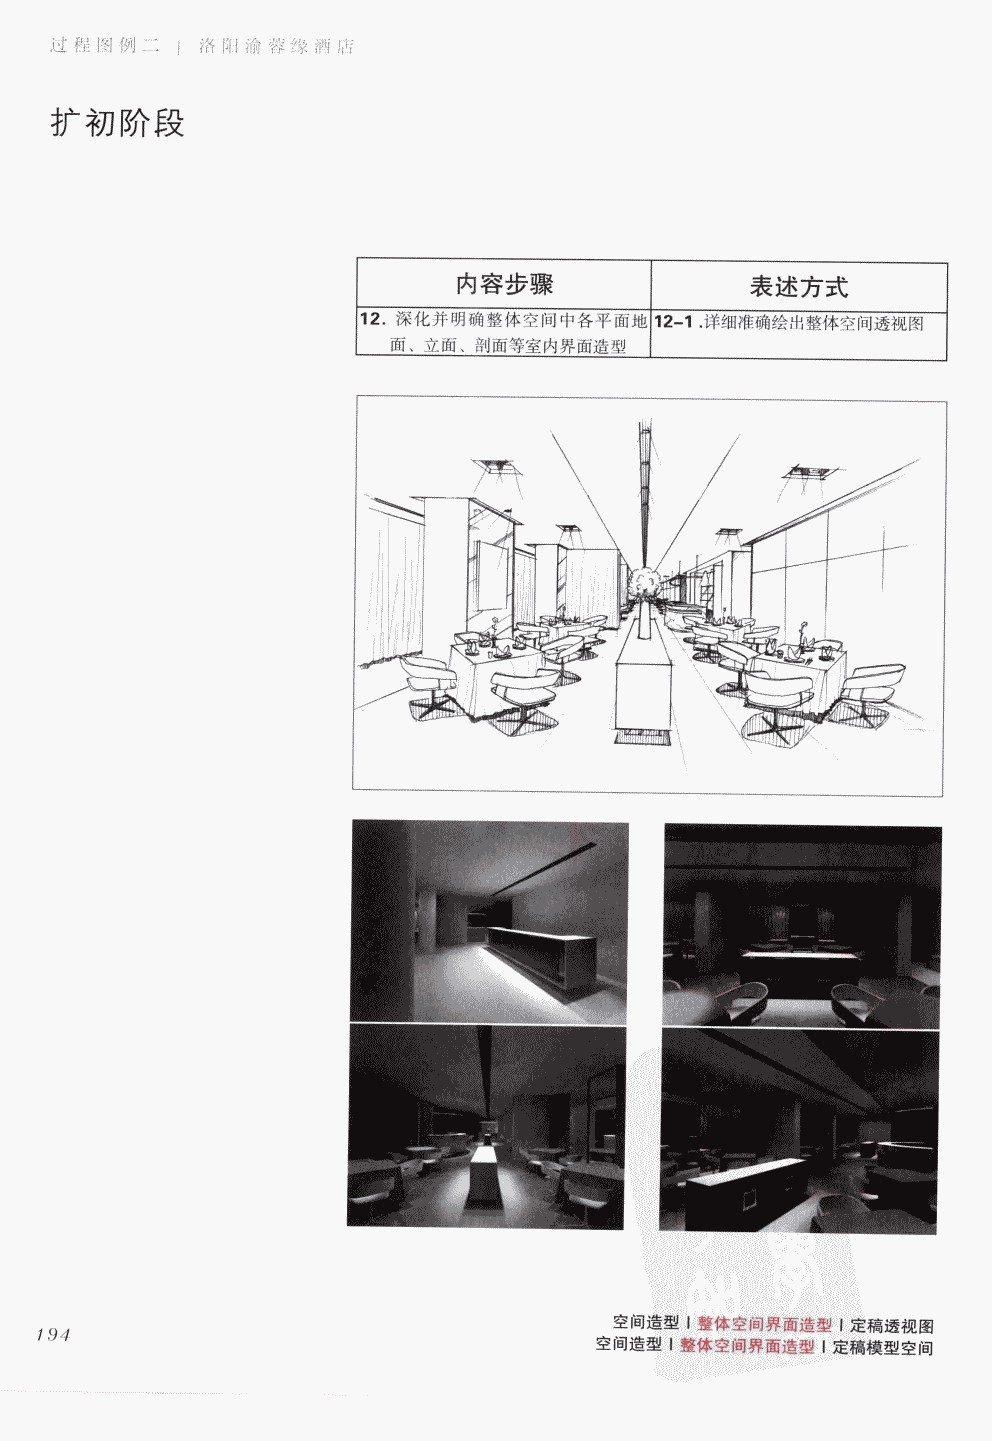 室内设计纲要++概念思考与过程表达_室内设计纲要  概念思考与过程表达_1297982..._页面_202.jpg